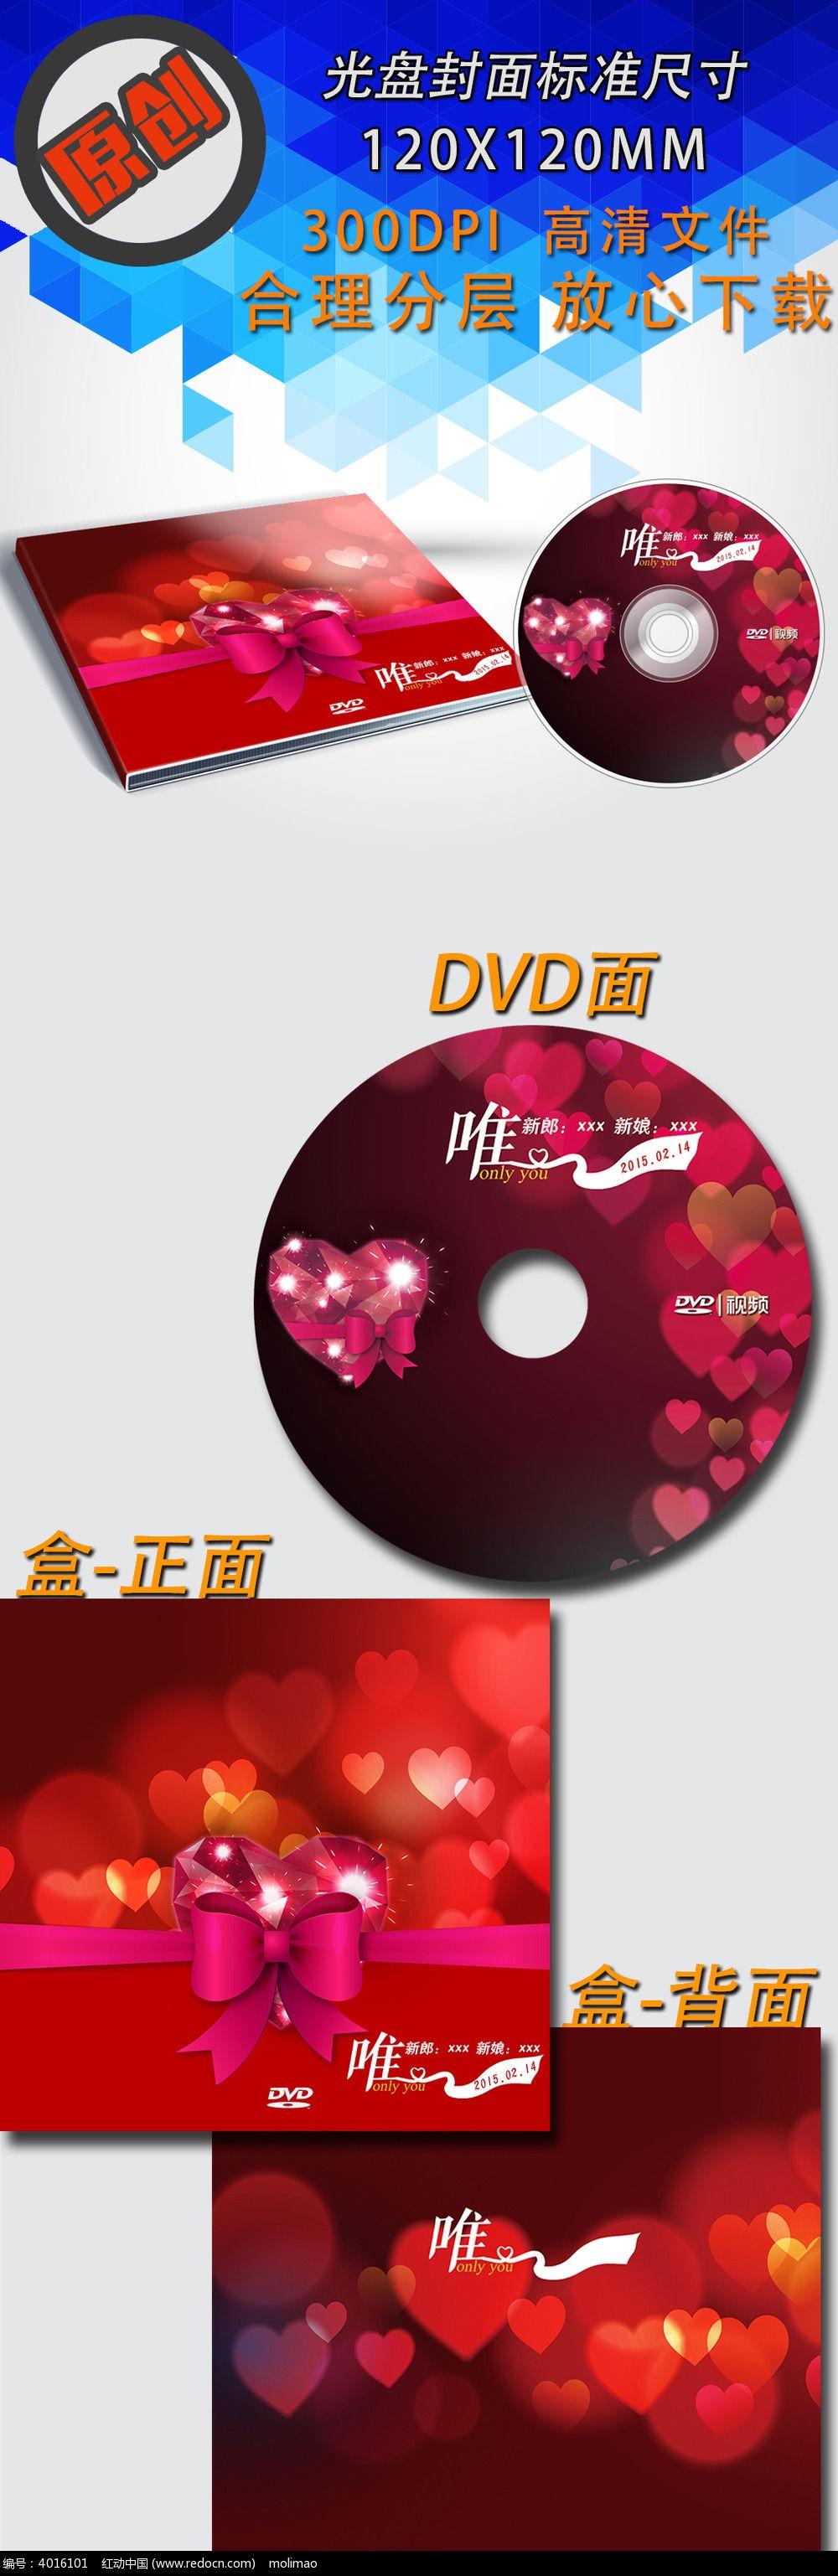 唯一婚庆公司光盘设计图片